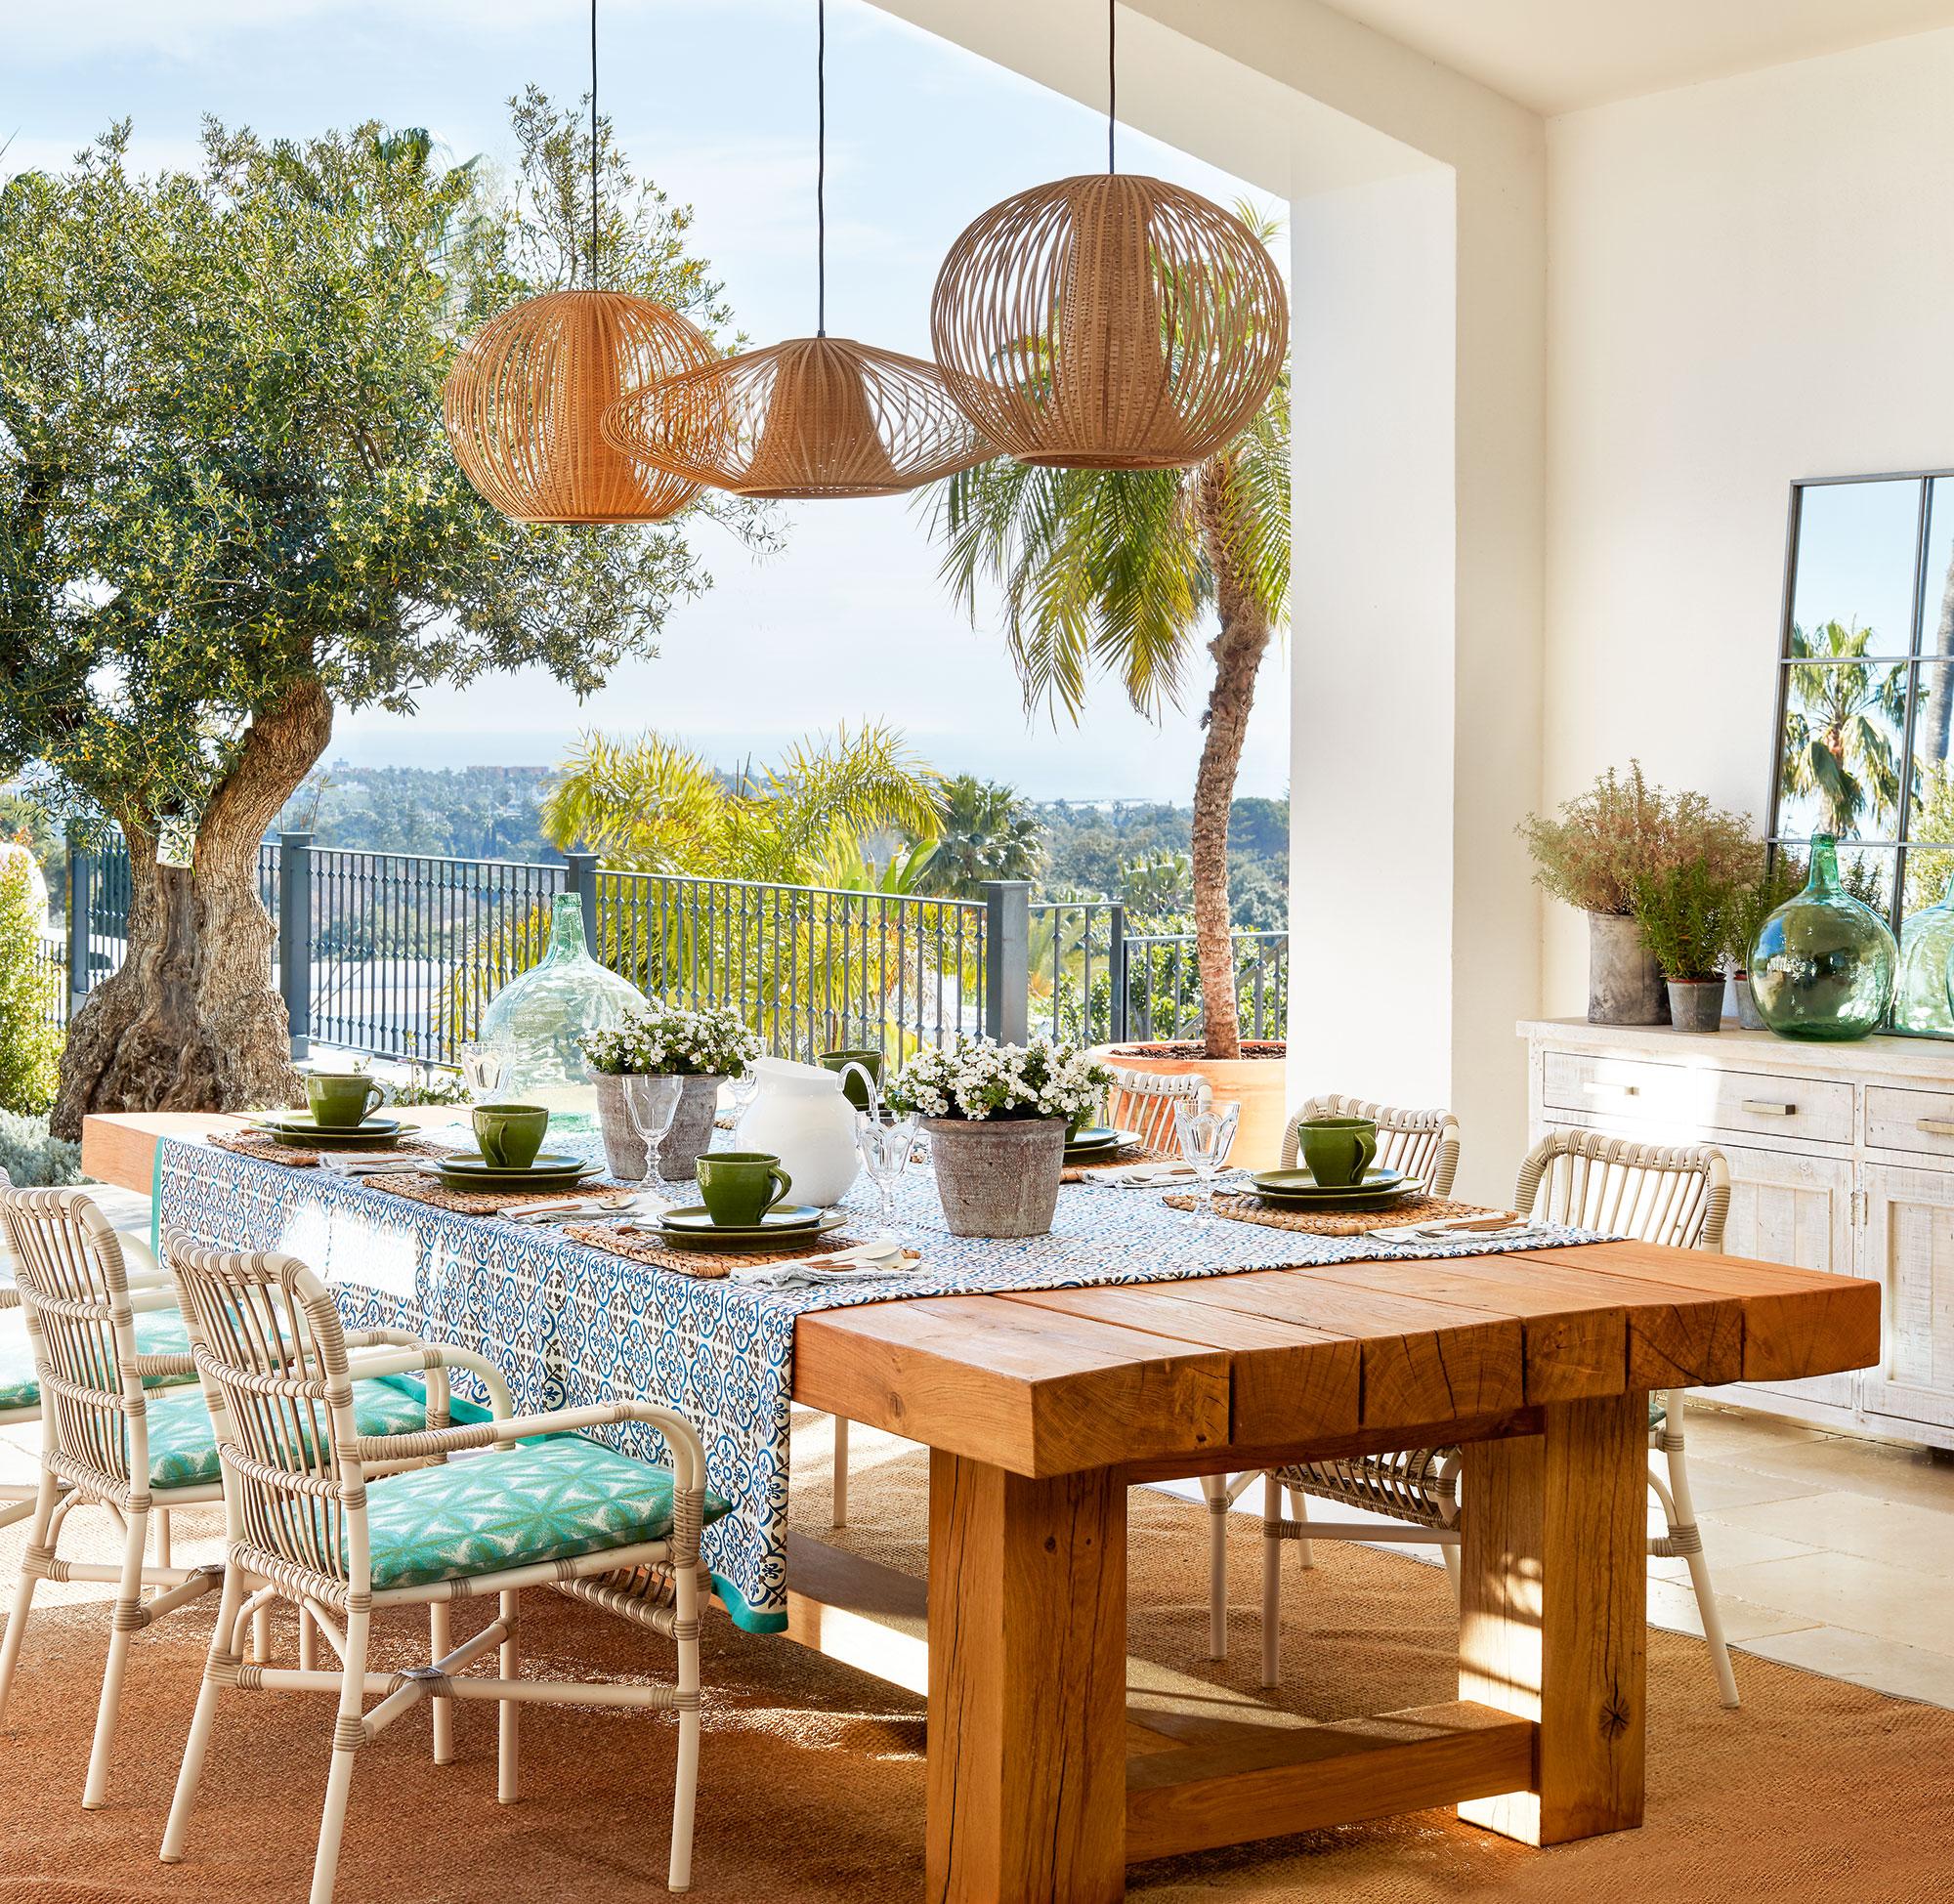 Una casa r stica de estilo mediterr neo en sotogrande for Muebles para casa de campo